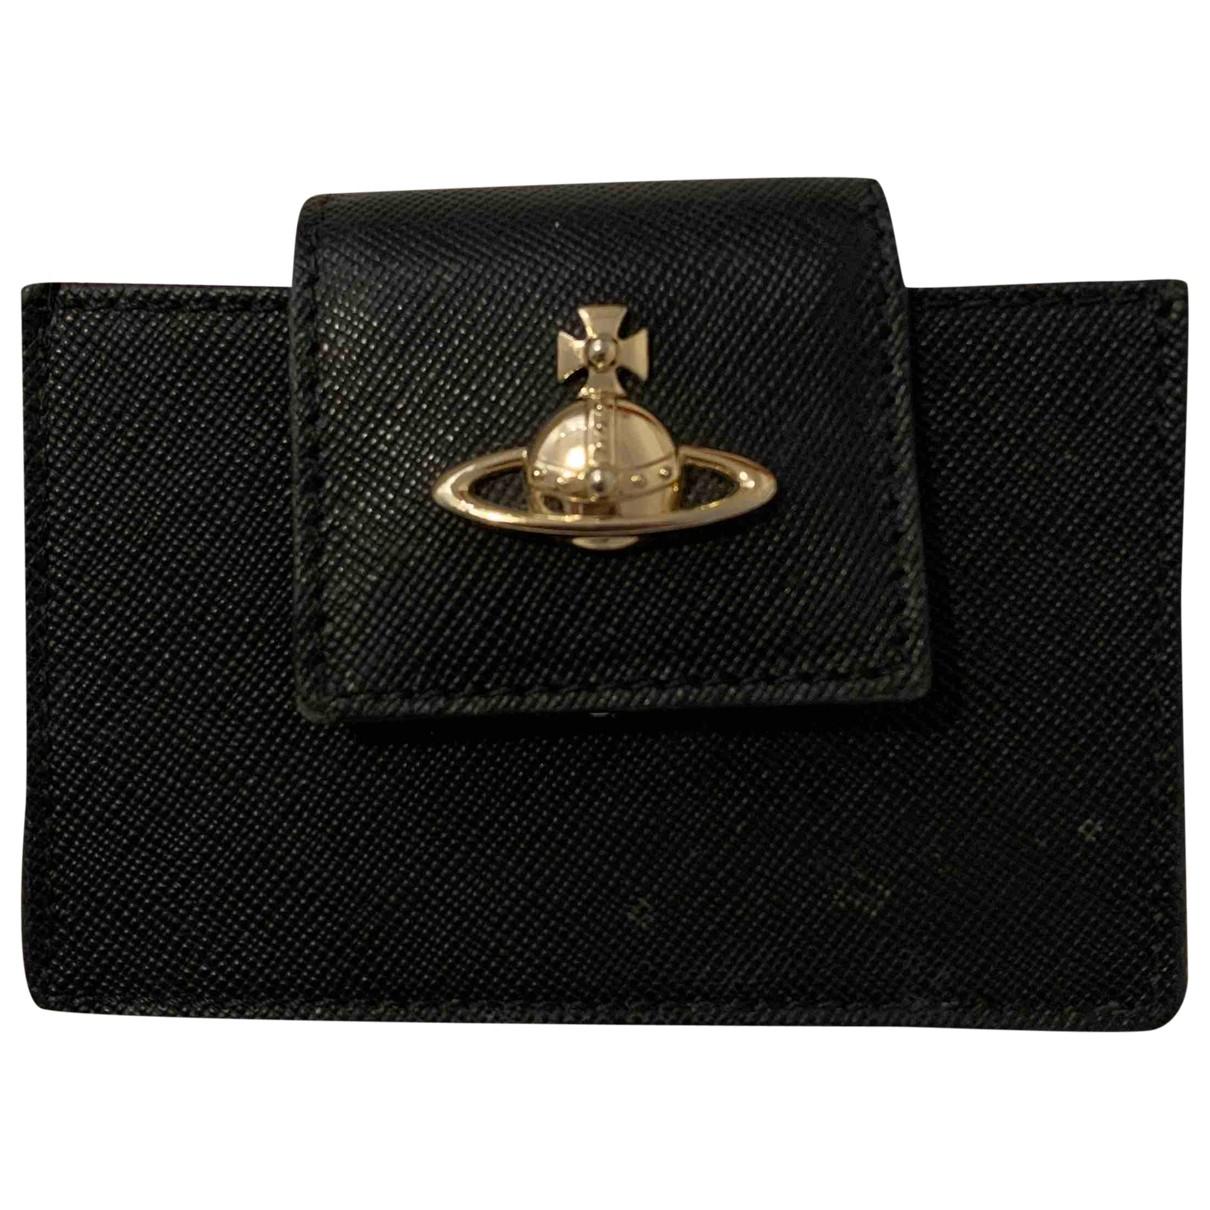 Vivienne Westwood \N Portemonnaie in  Schwarz Leder